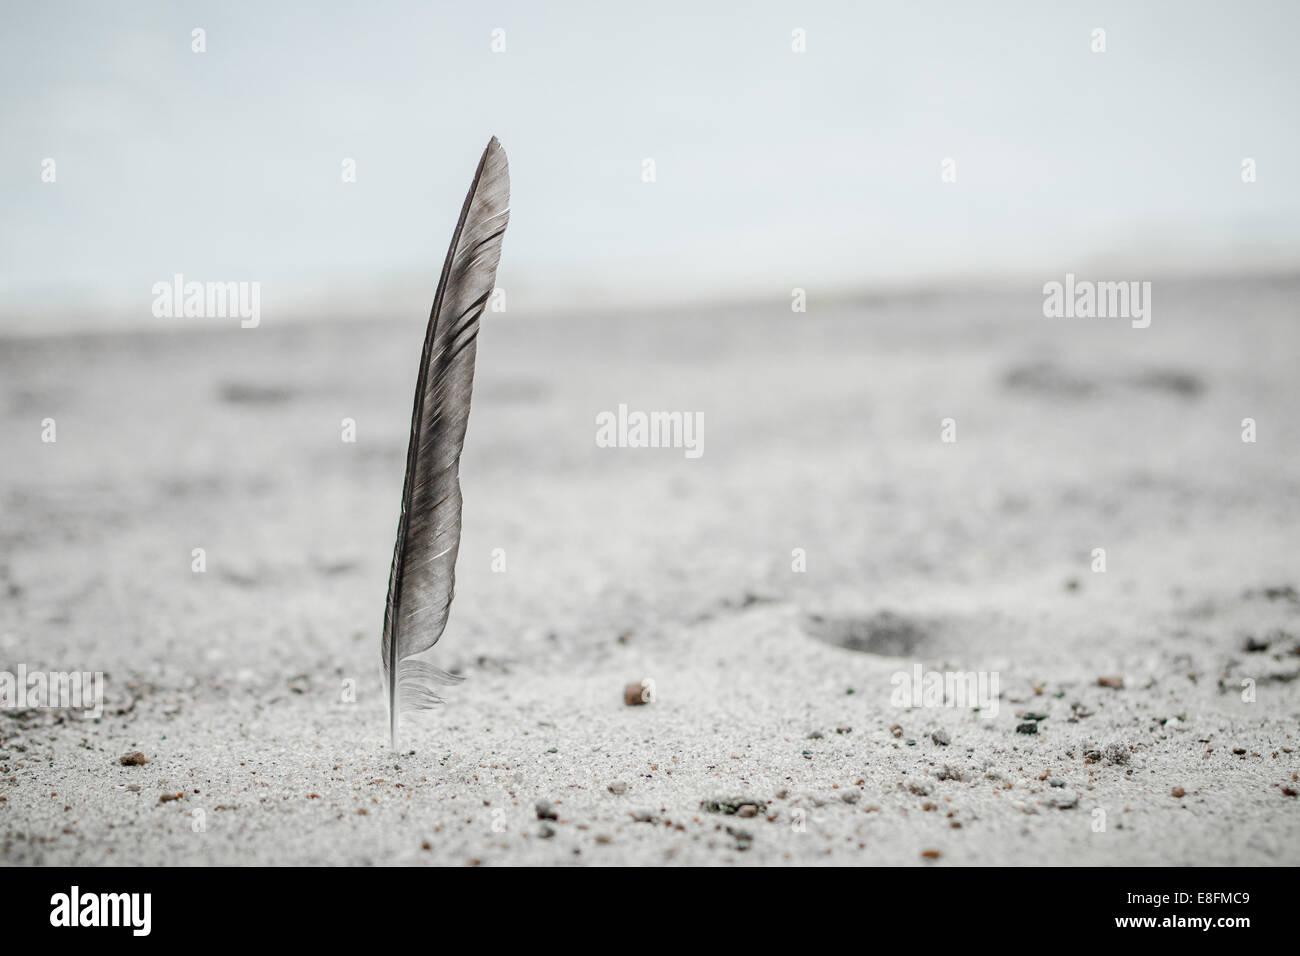 Norwegen, Feder am Strand gefunden Stockbild